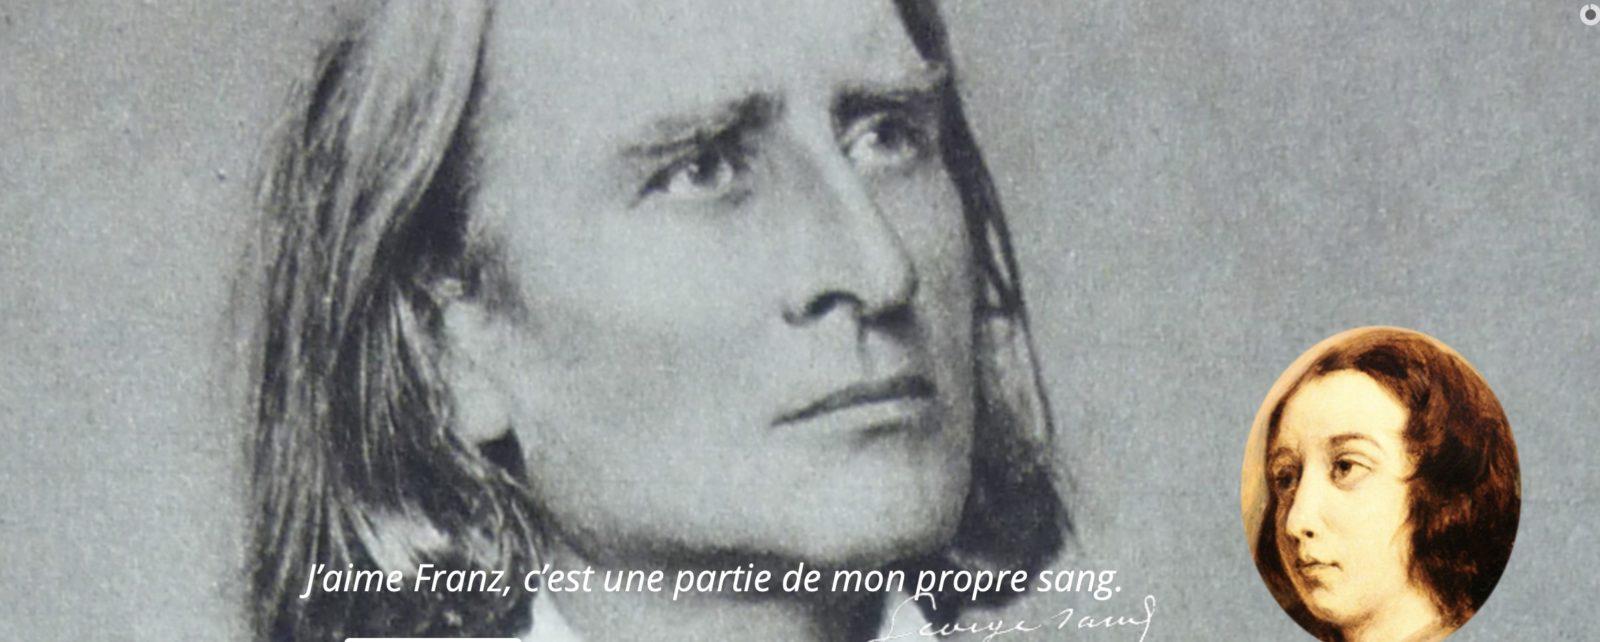 Lisztomanias de Châteauroux 2019 Liszt et George Sand